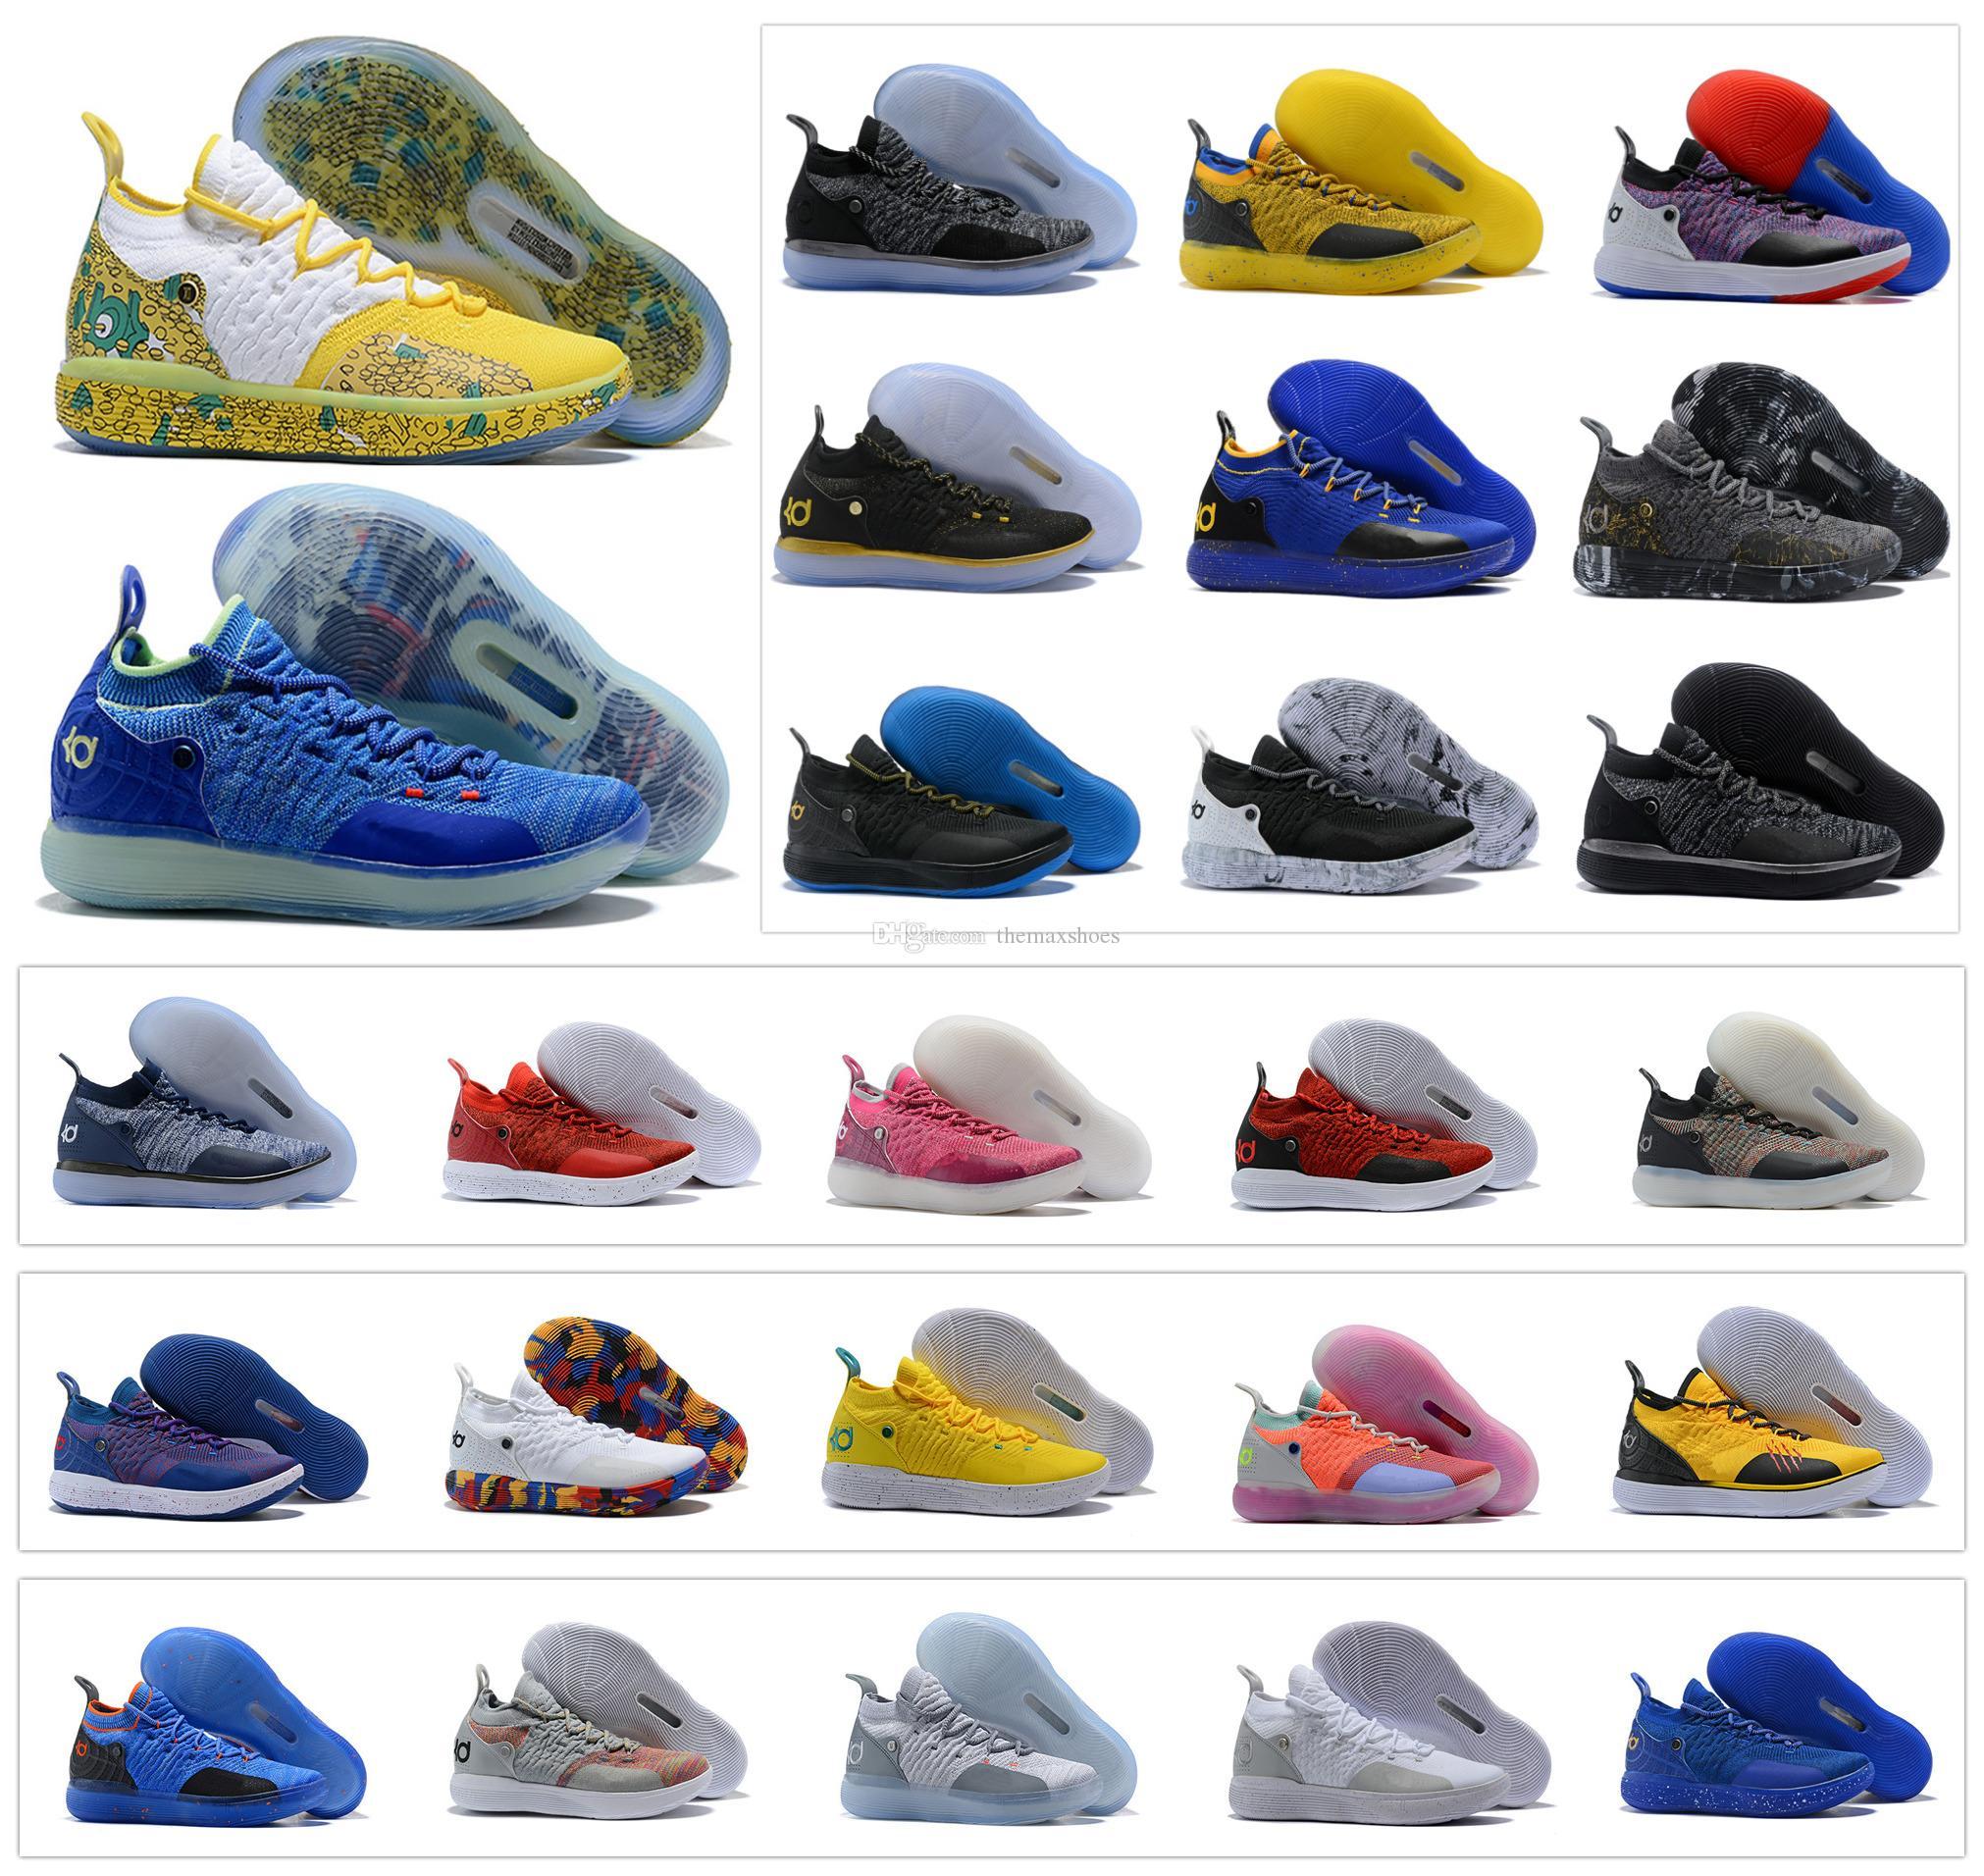 quality design a2322 475fb Acquista Zoom Caldo Kevin Durant KD 11 Multi Color KD11 11S Numeri BHM  Igloo Men Anniversary University Scarpe Da Basket X Elite Mid Sport  Sneakers A  56.79 ...